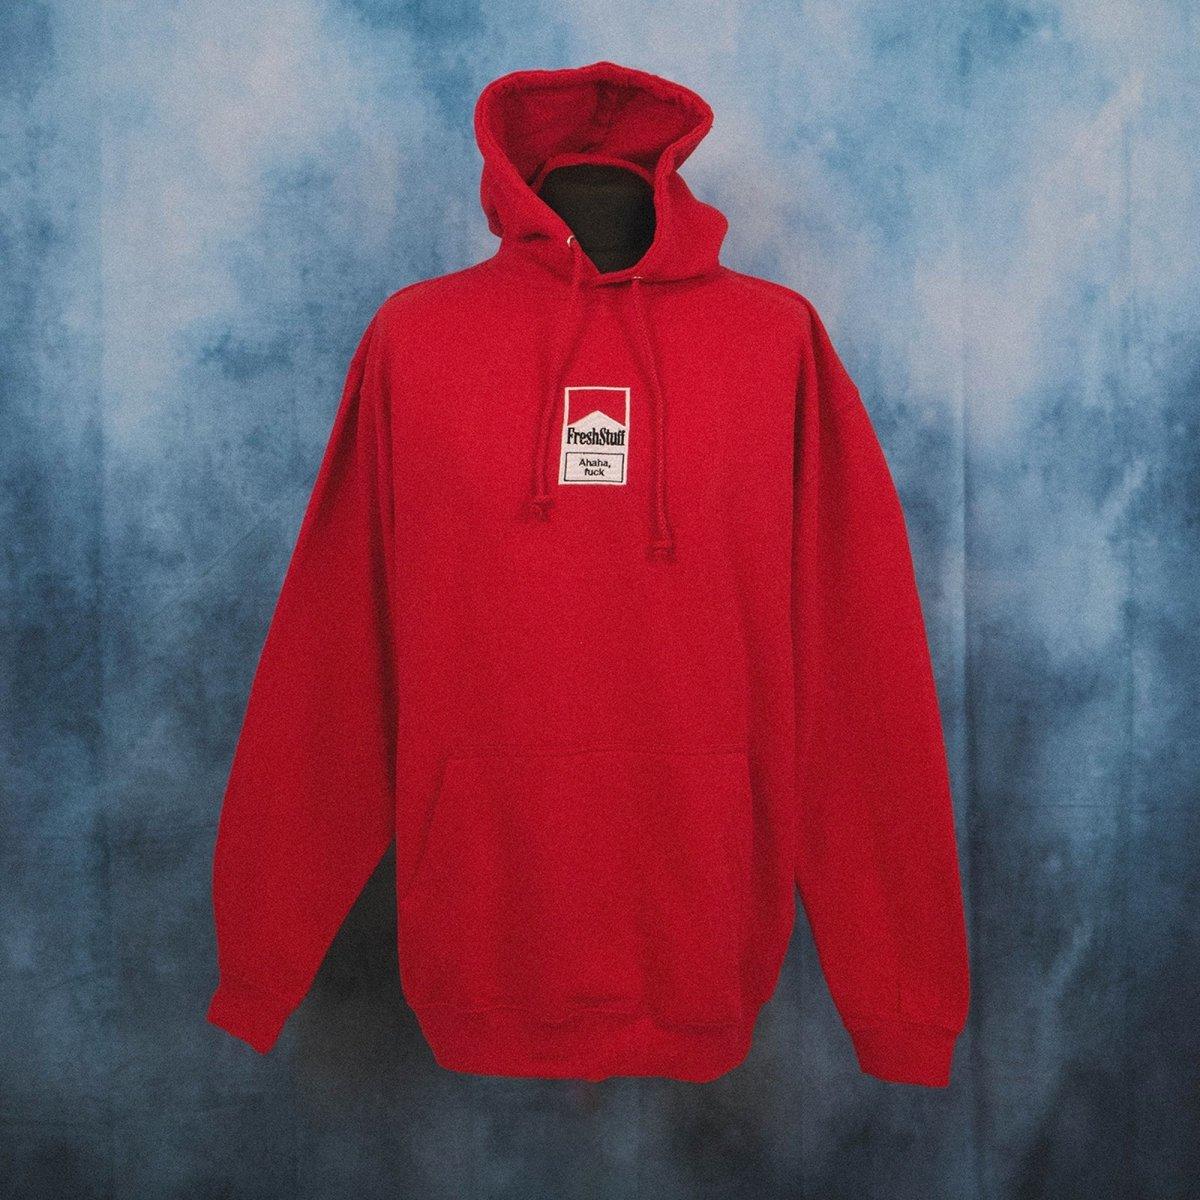 FreshStuff Smokers Unisex Red Embroidered Hoodie